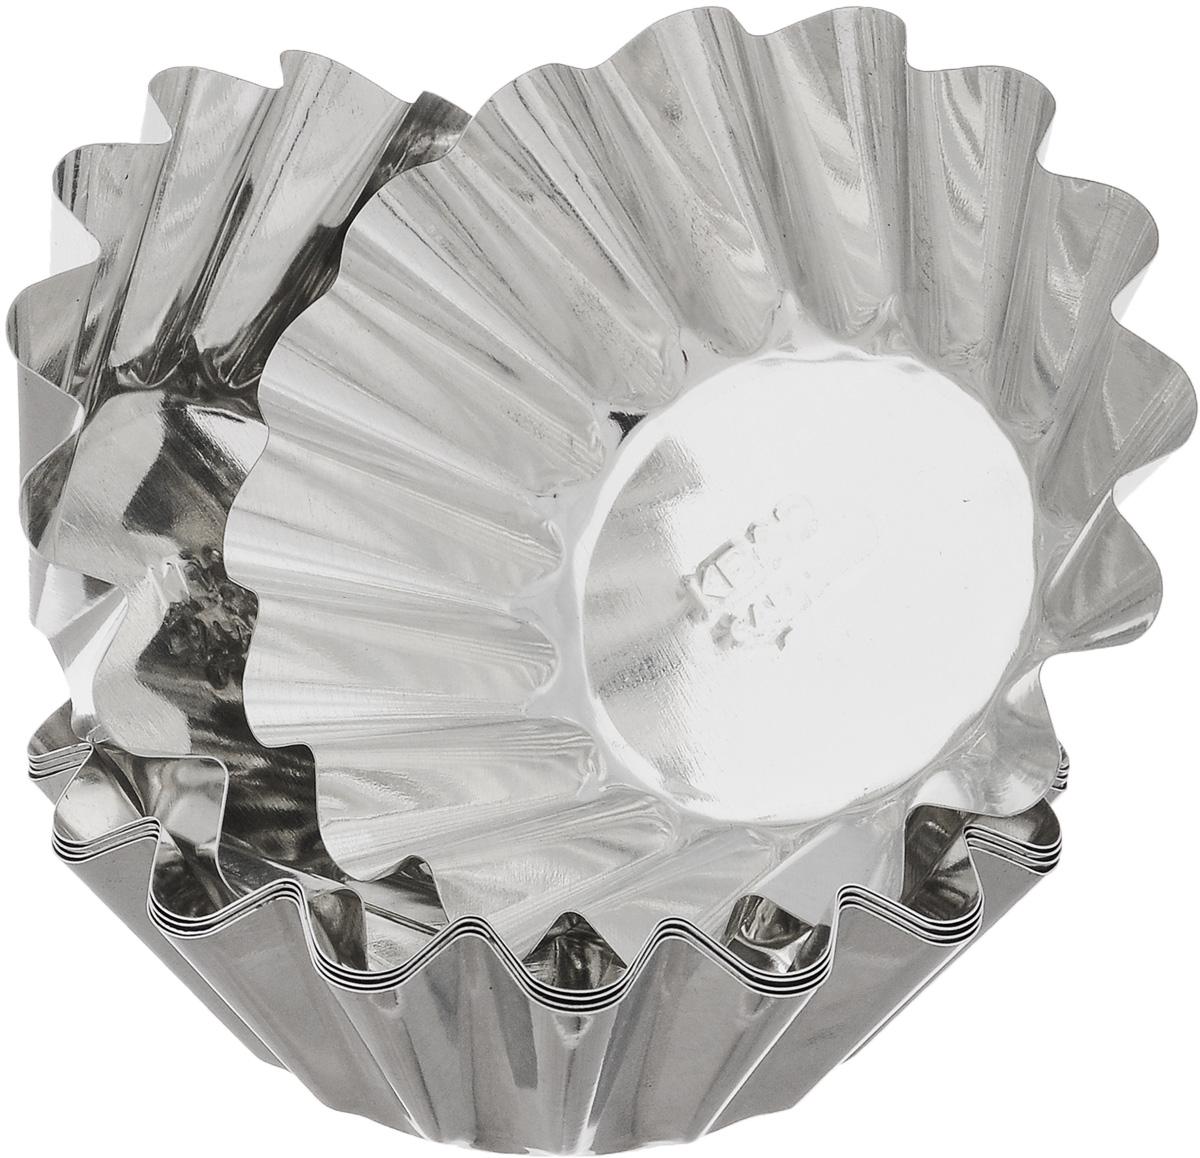 Набор форм для выпечки Кварц, диаметр 9,5 см, 6 штКФ-03.006Набор Кварц состоит из шести форм, выполненных из белой жести. Формы предназначены для выпечки и приготовления желе. Стенки изделий рельефные. С набором форм Кварц вы всегда сможете порадовать своих близких оригинальной выпечкой. Диаметр форм (по верхнему краю): 9,5 см. Высота форм: 3 см.